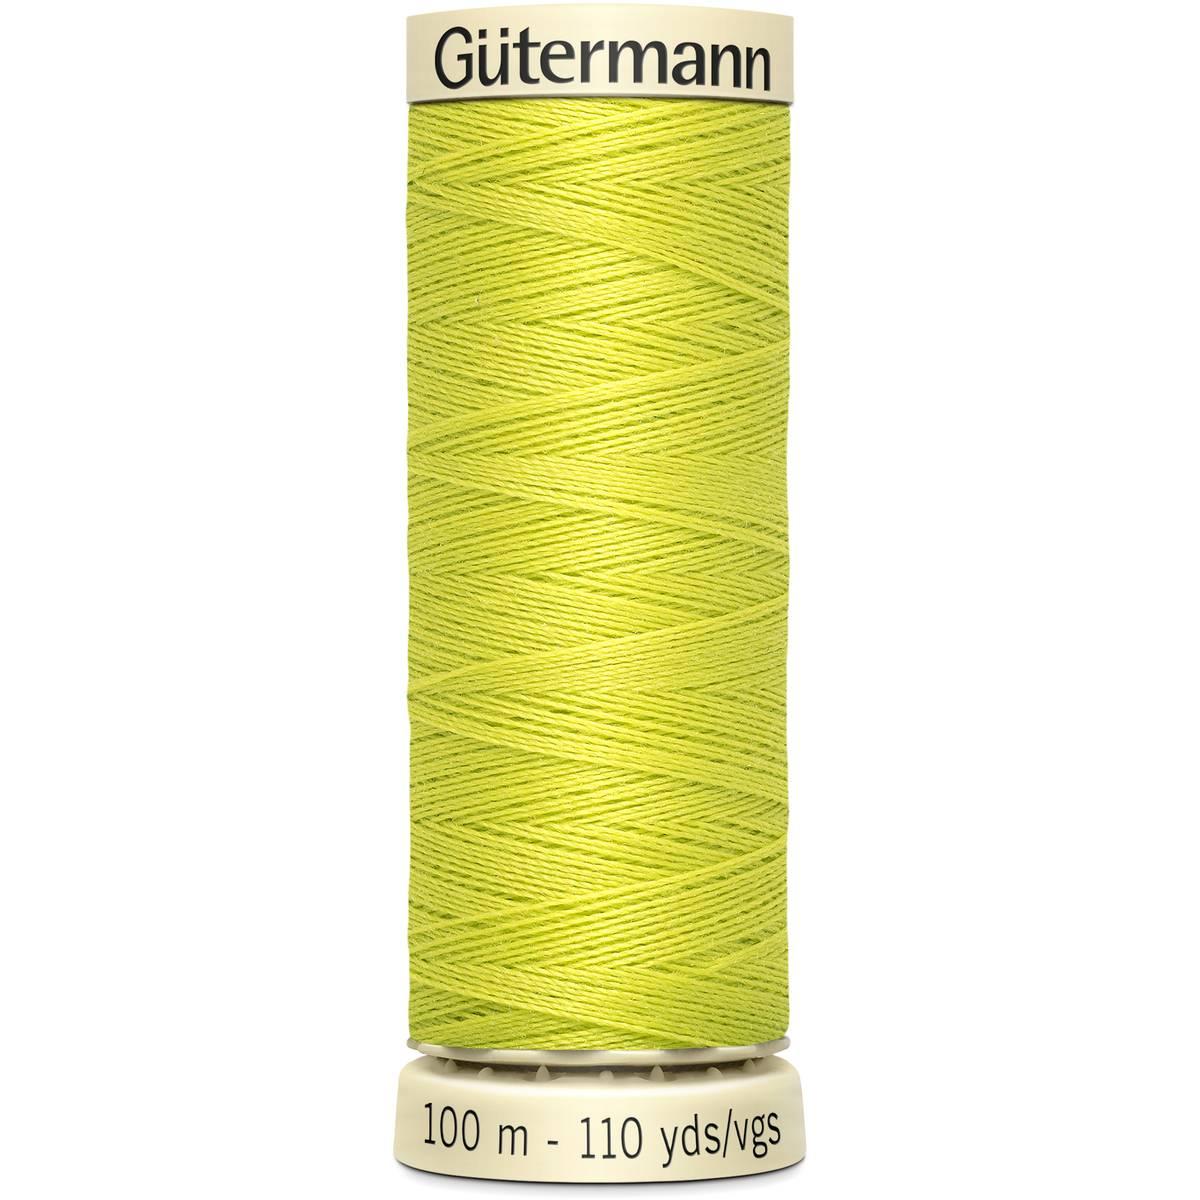 חוט תפירה גוטרמן - Green 334